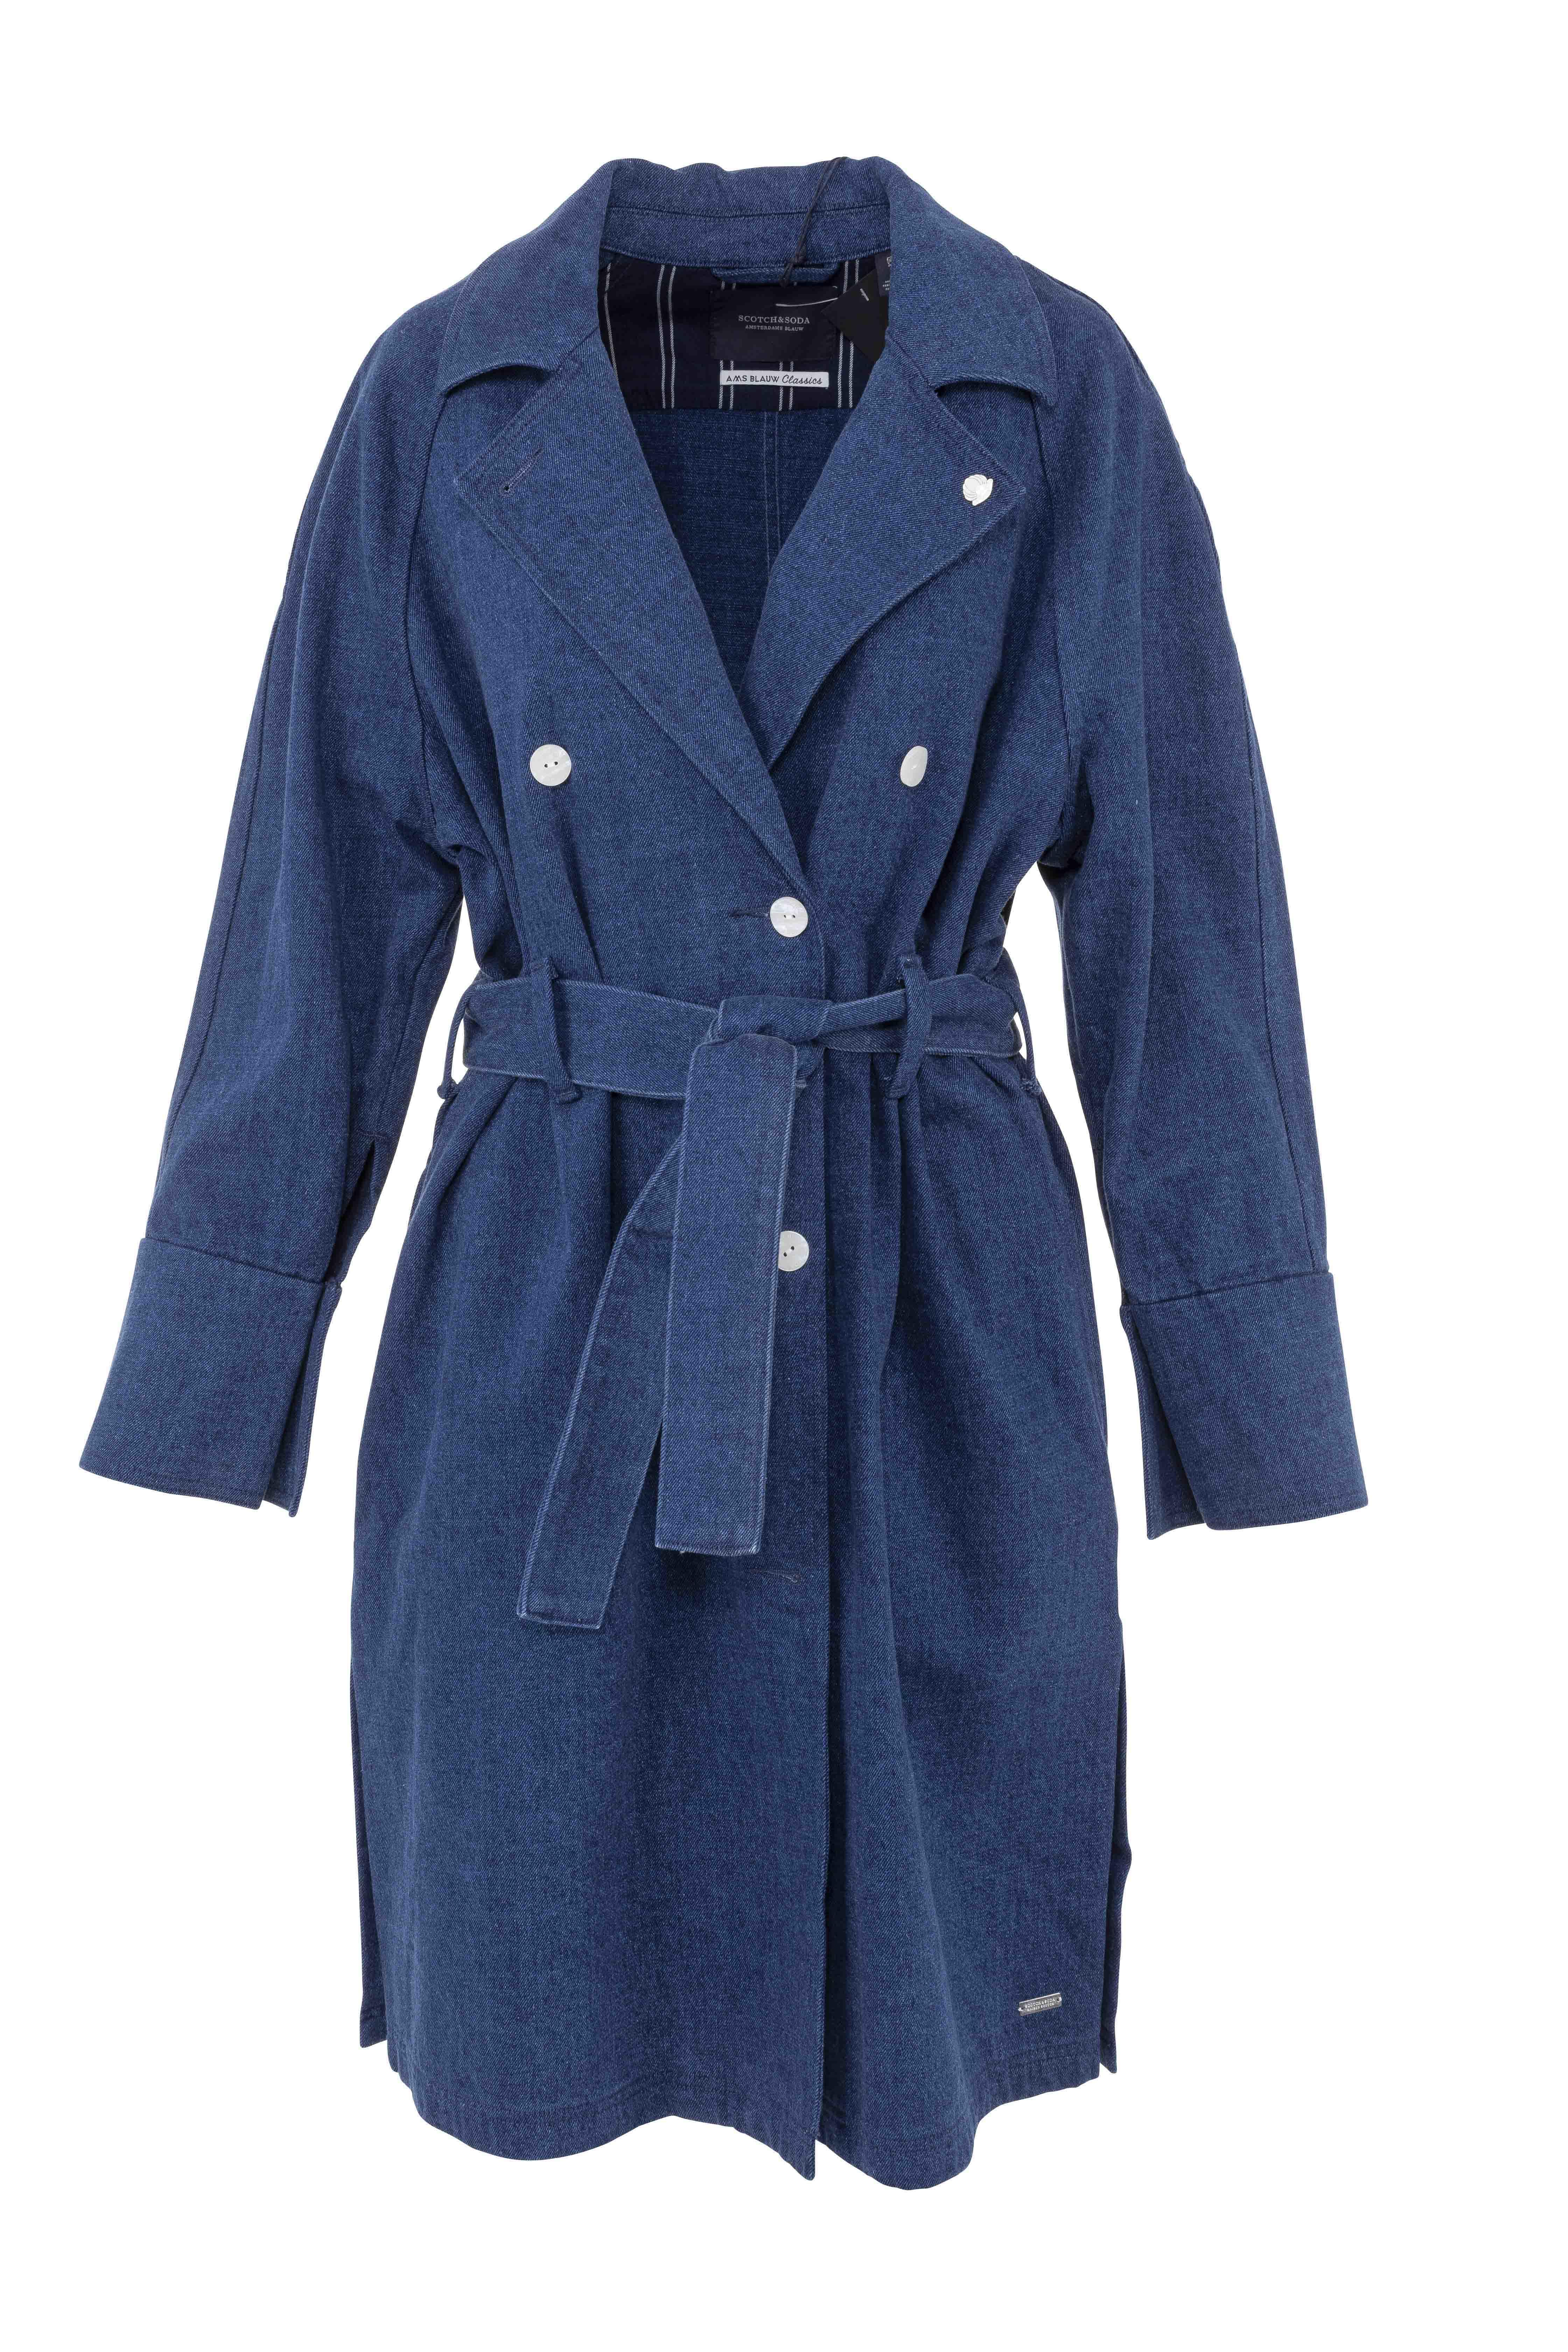 Indigo Trench Coat